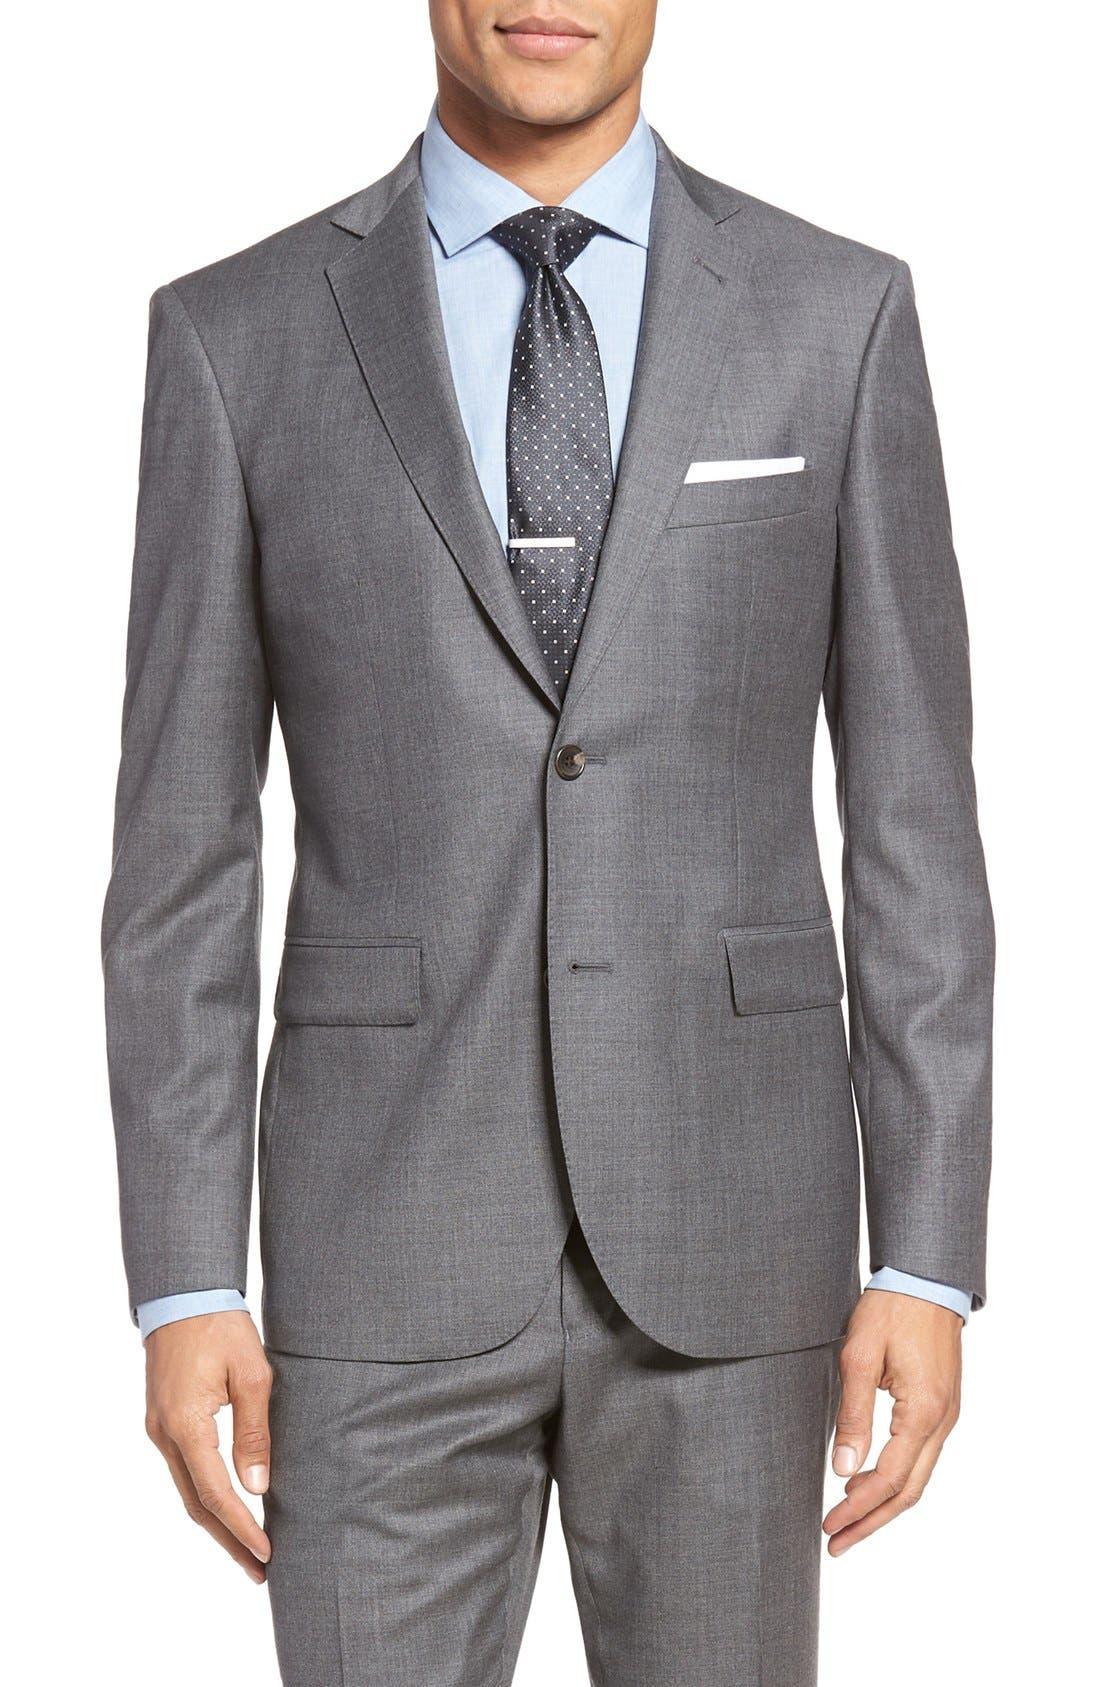 Espada Trim Fit Wool Blazer,                         Main,                         color, Medium Grey